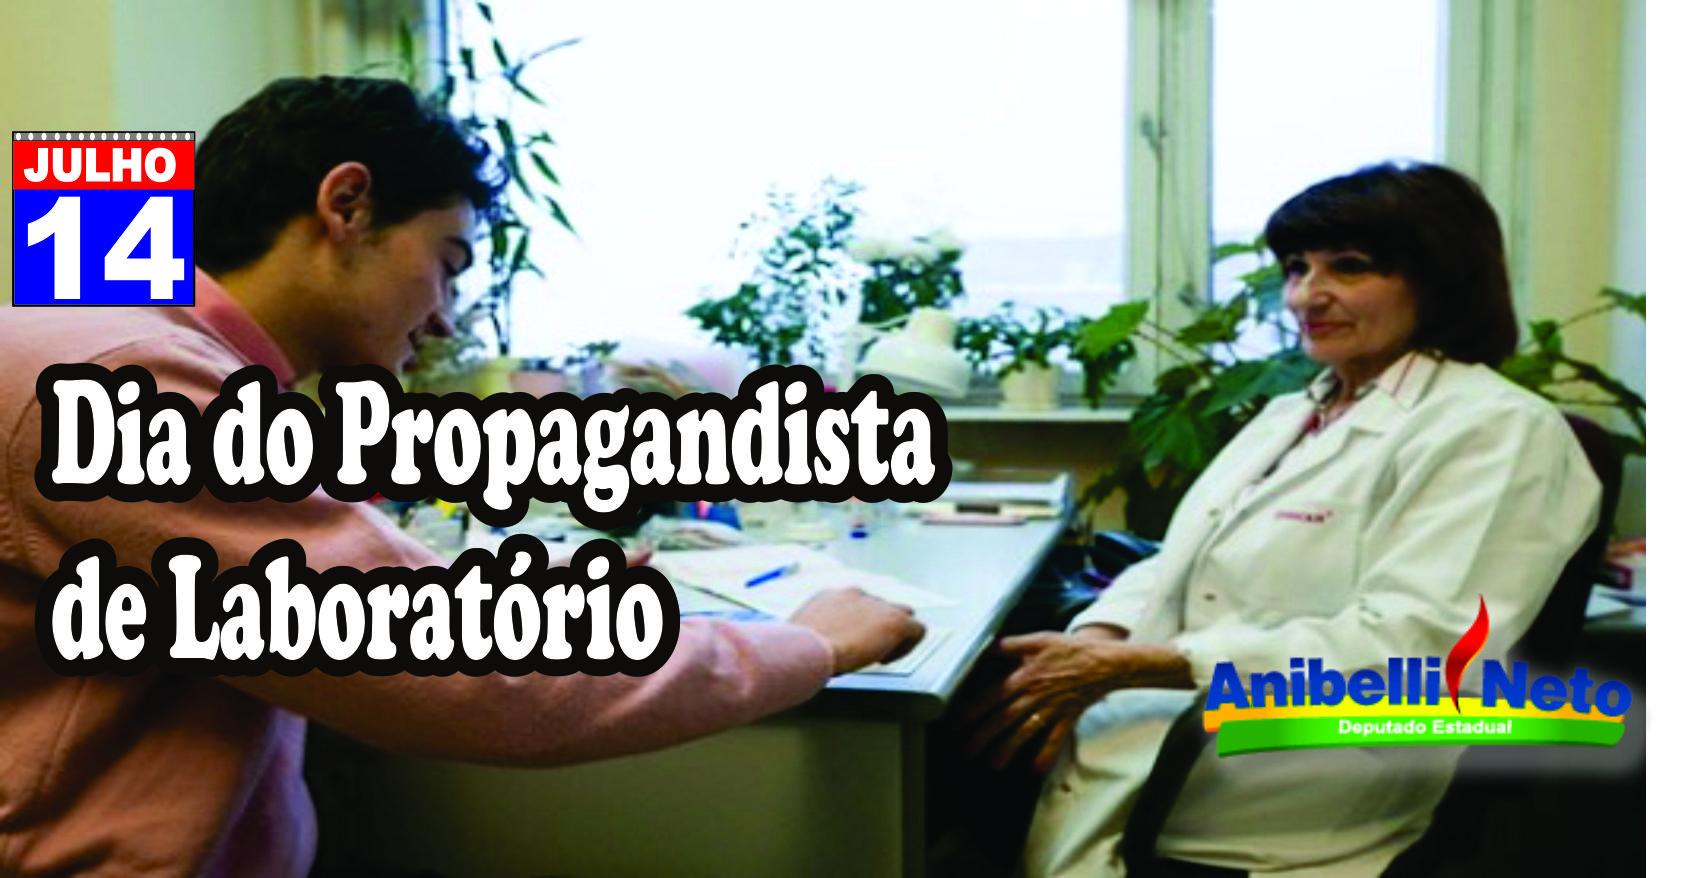 Dia do Propagandista de Laboratório